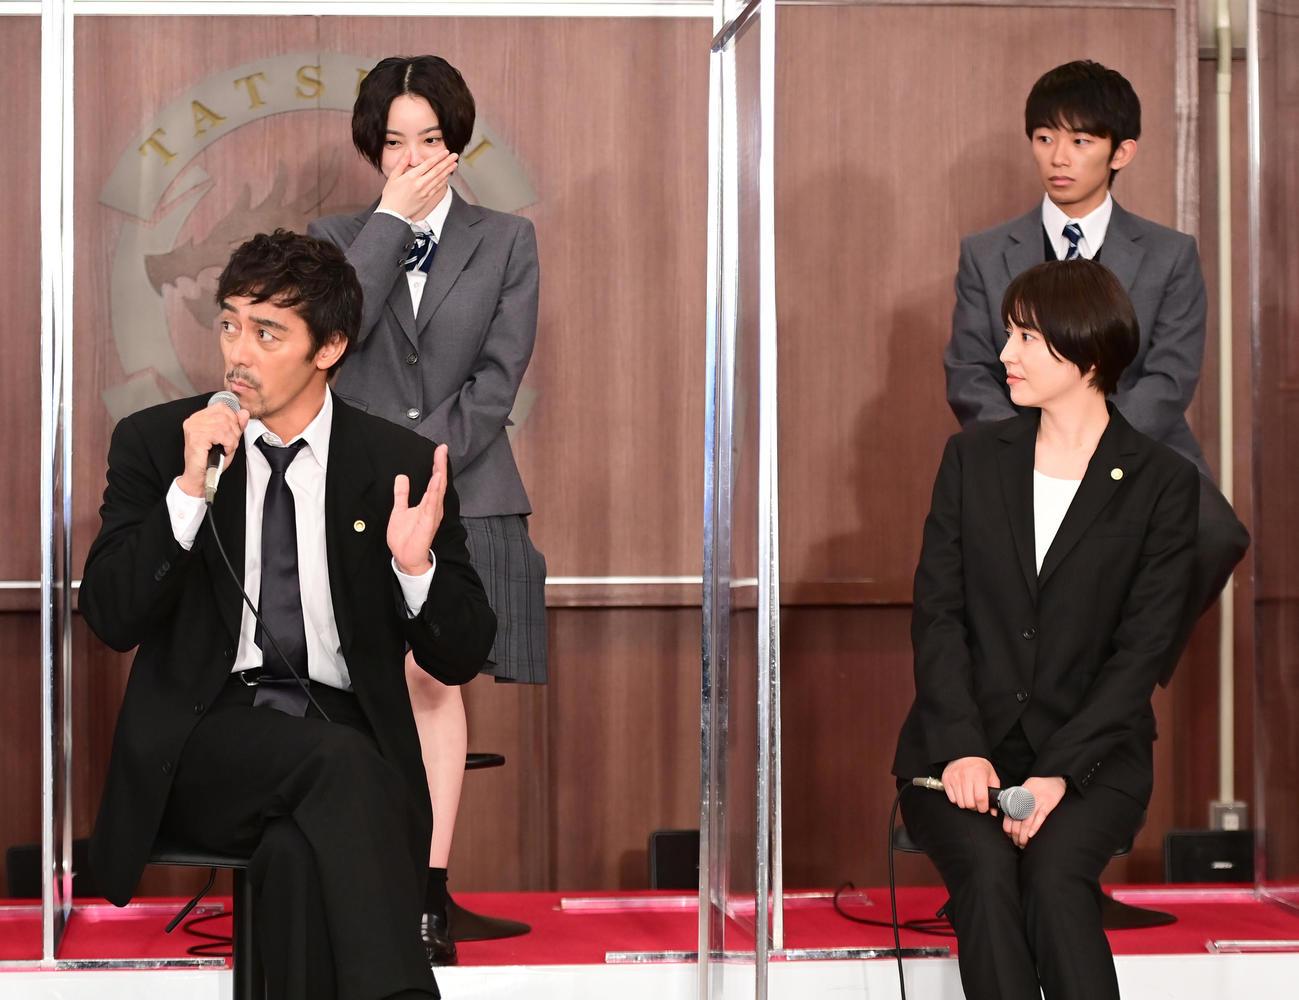 TBS系日曜劇場「ドラゴン桜」制作発表に臨む、前列左から阿部寛、長澤まさみ、後列左から平手友梨奈、加藤清史郎(撮影・小沢裕)